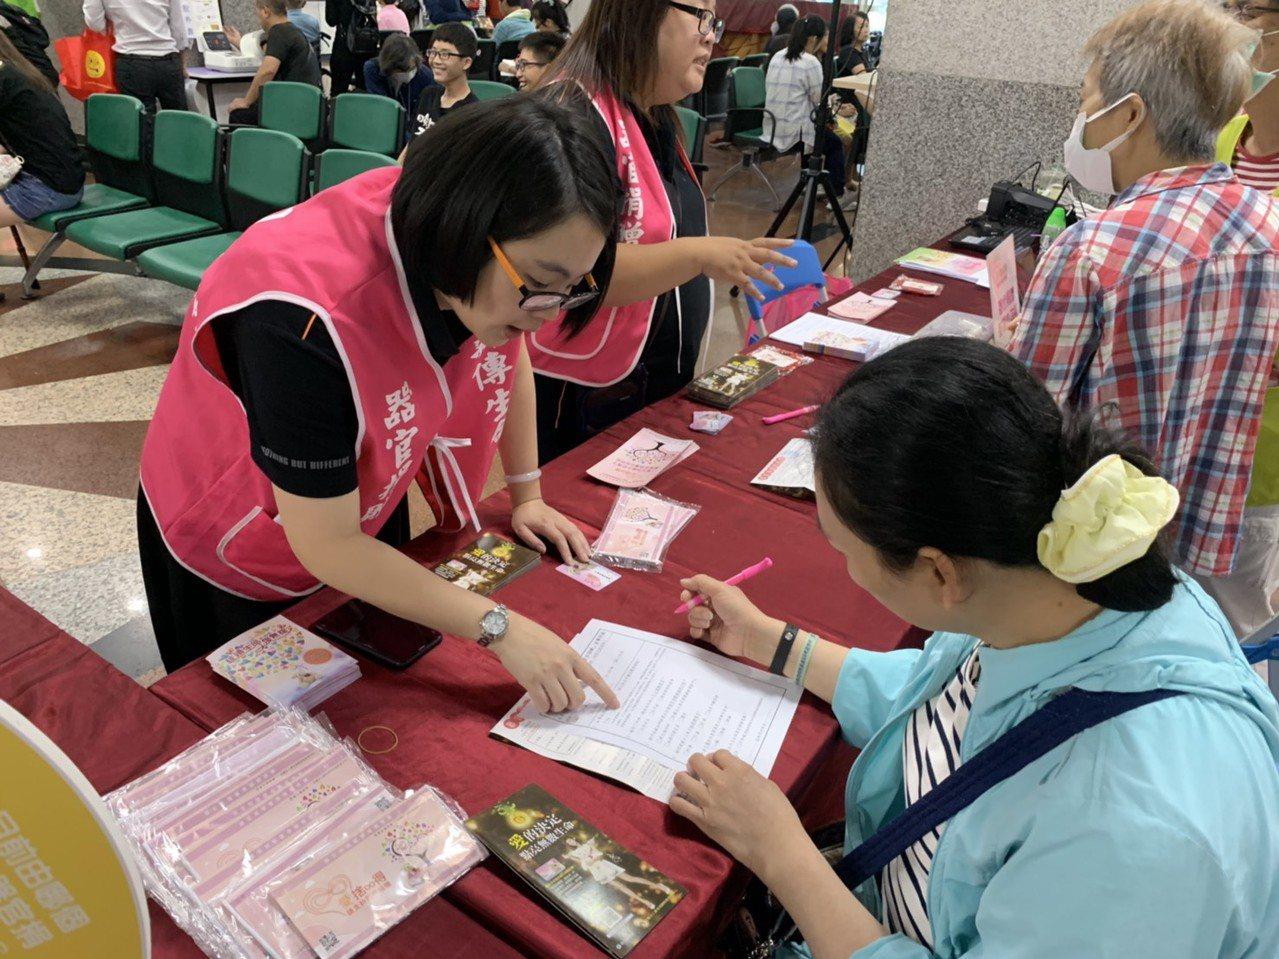 台大醫院新竹分院今天上午與財團法人器官捐贈移植登錄中心在門診大廳共同辦理「捨&得...